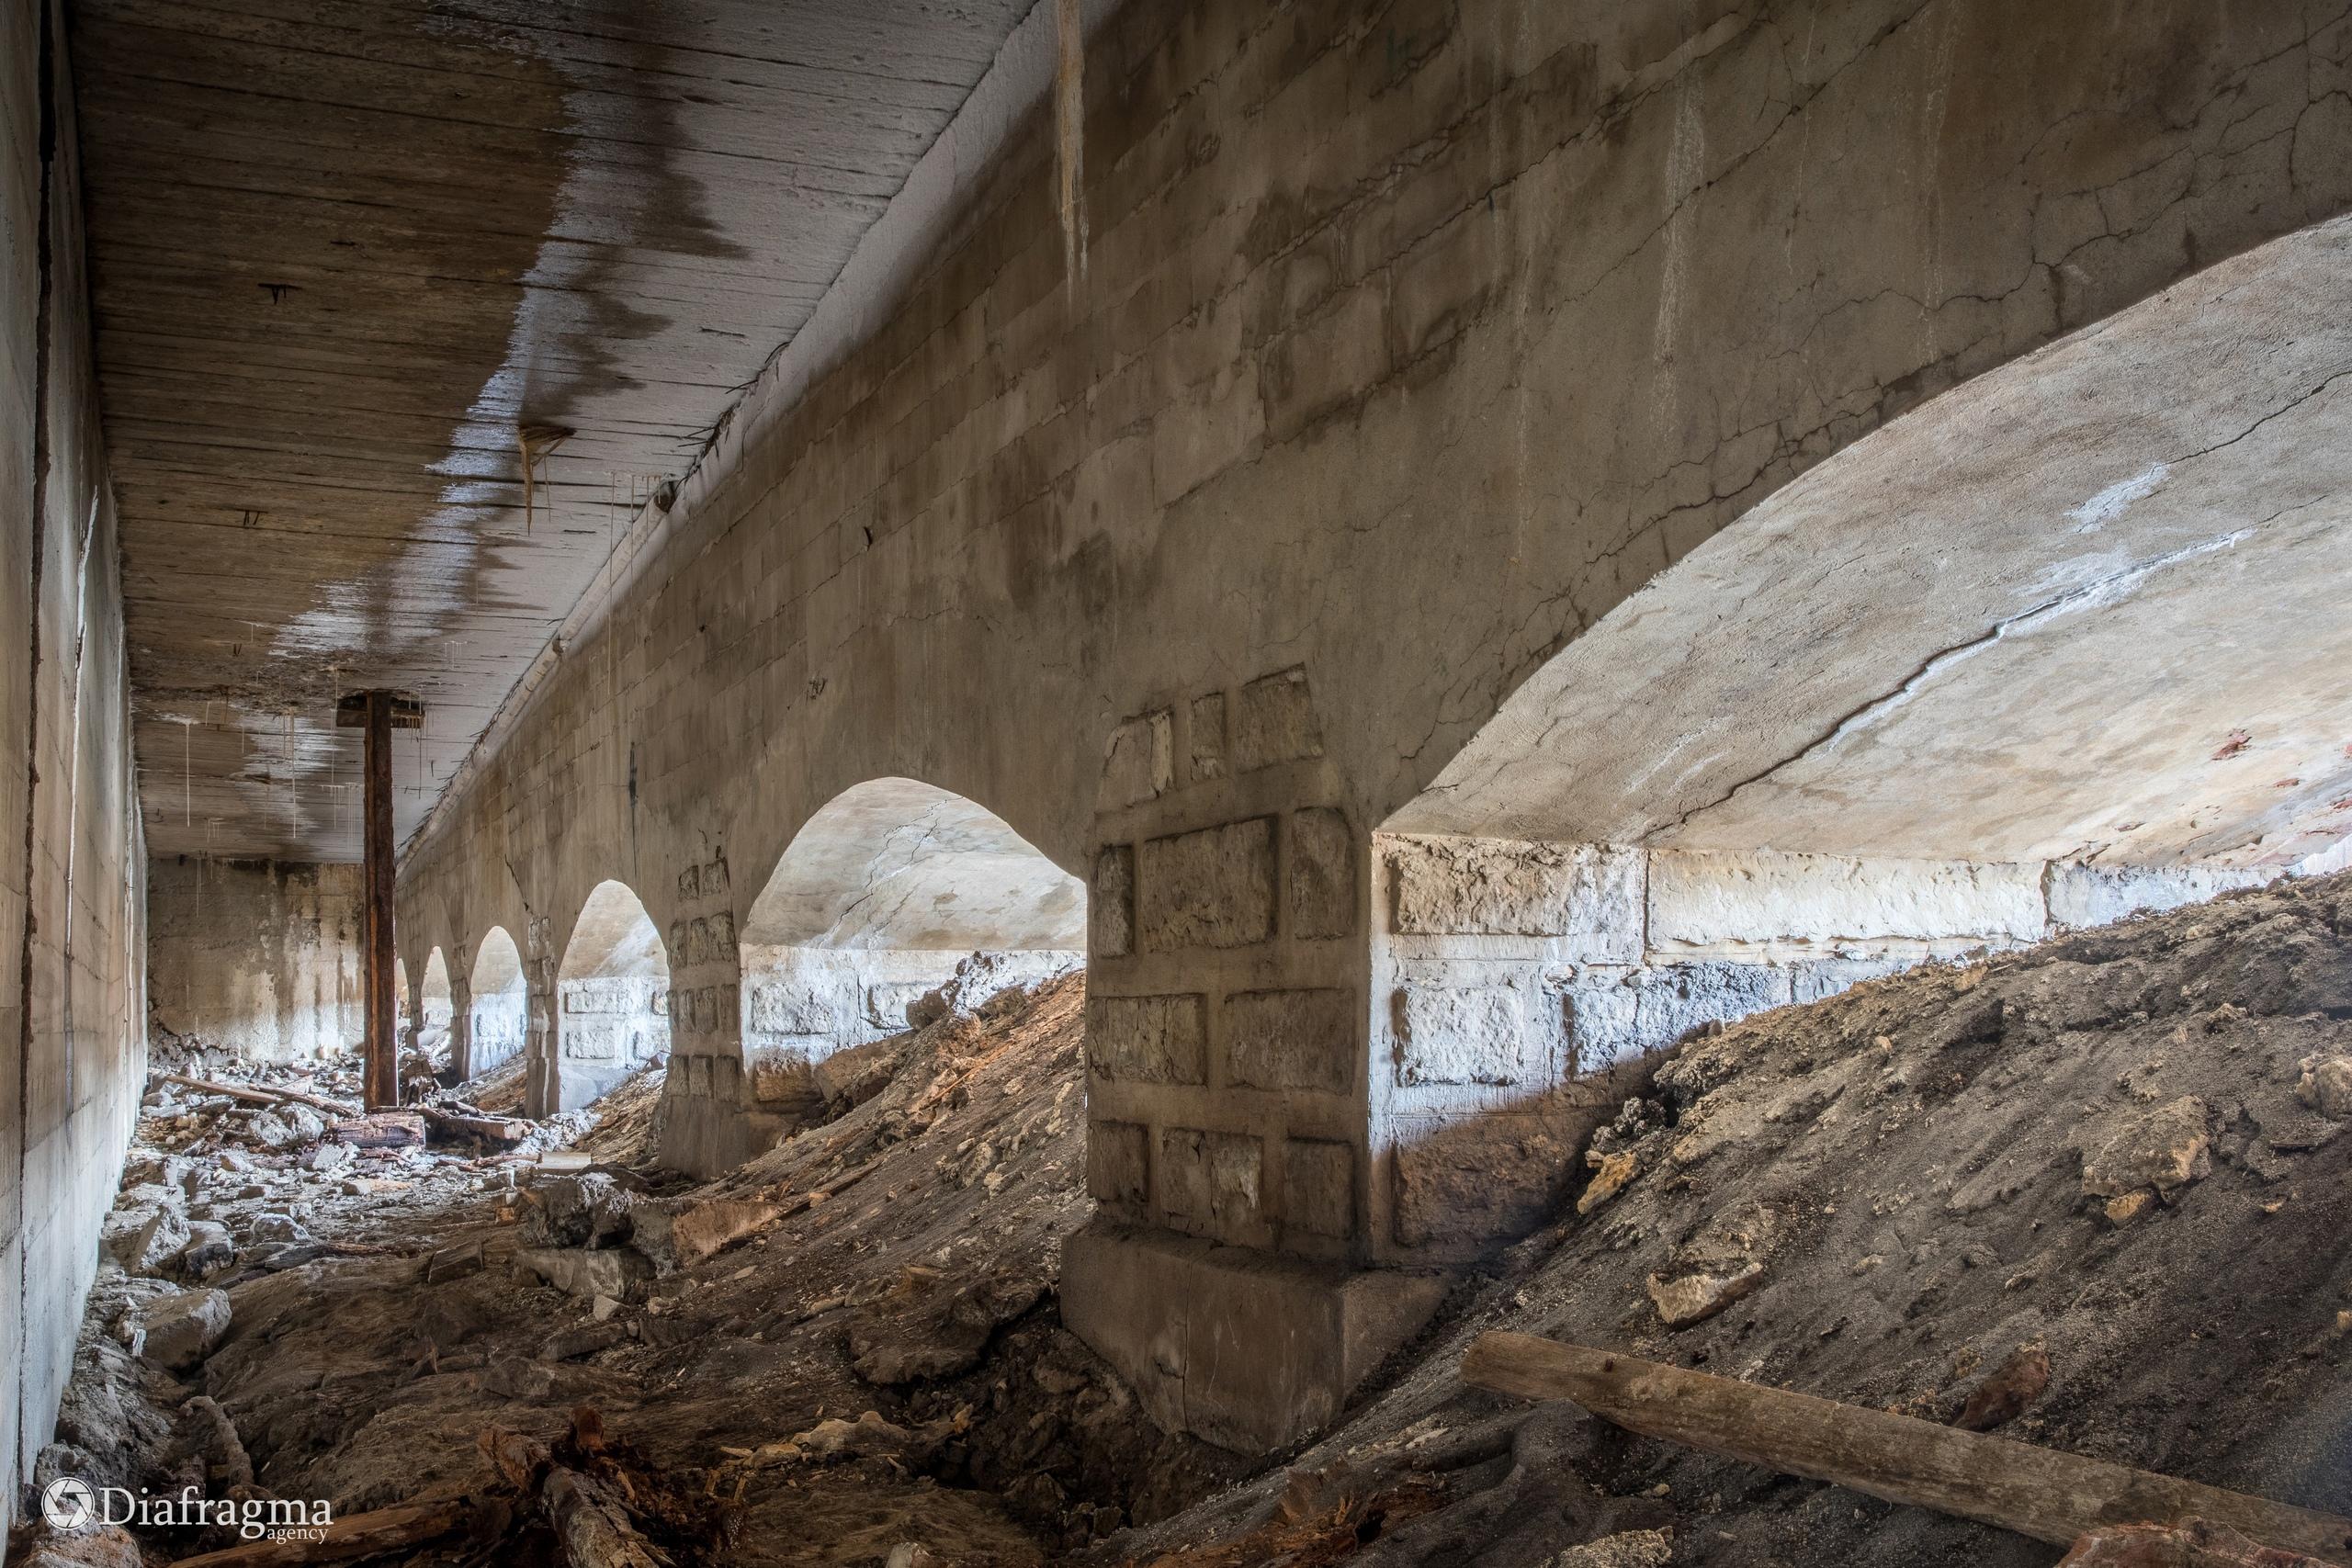 Арочные своды моста открытые в процессе археологических работ в 2021 году